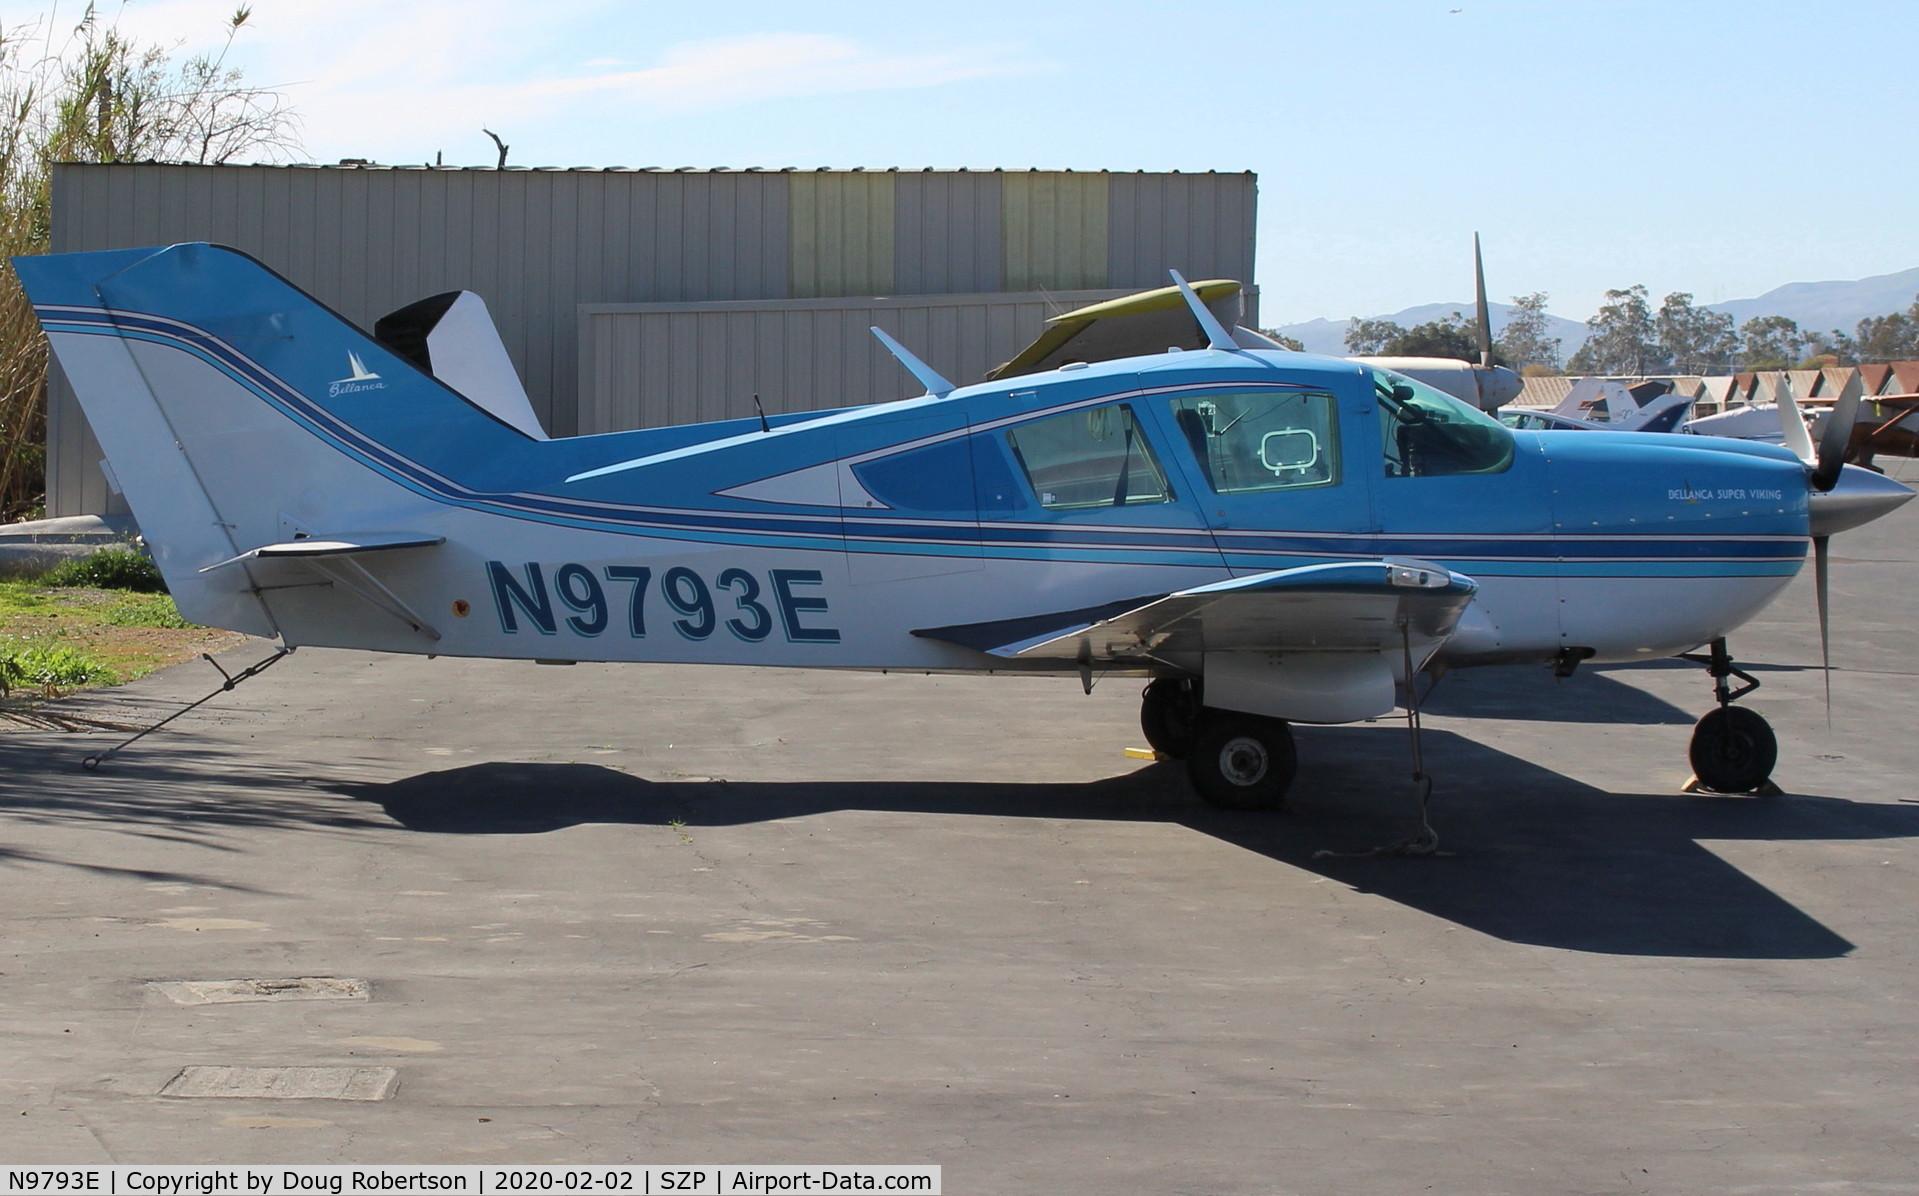 N9793E, 1975 Bellanca 17-30A Viking C/N 75-30794, 1975 Bellanca 17-30A SUPER VIKING, Continental IO-520 300 Hp, 1,500 hour TBO